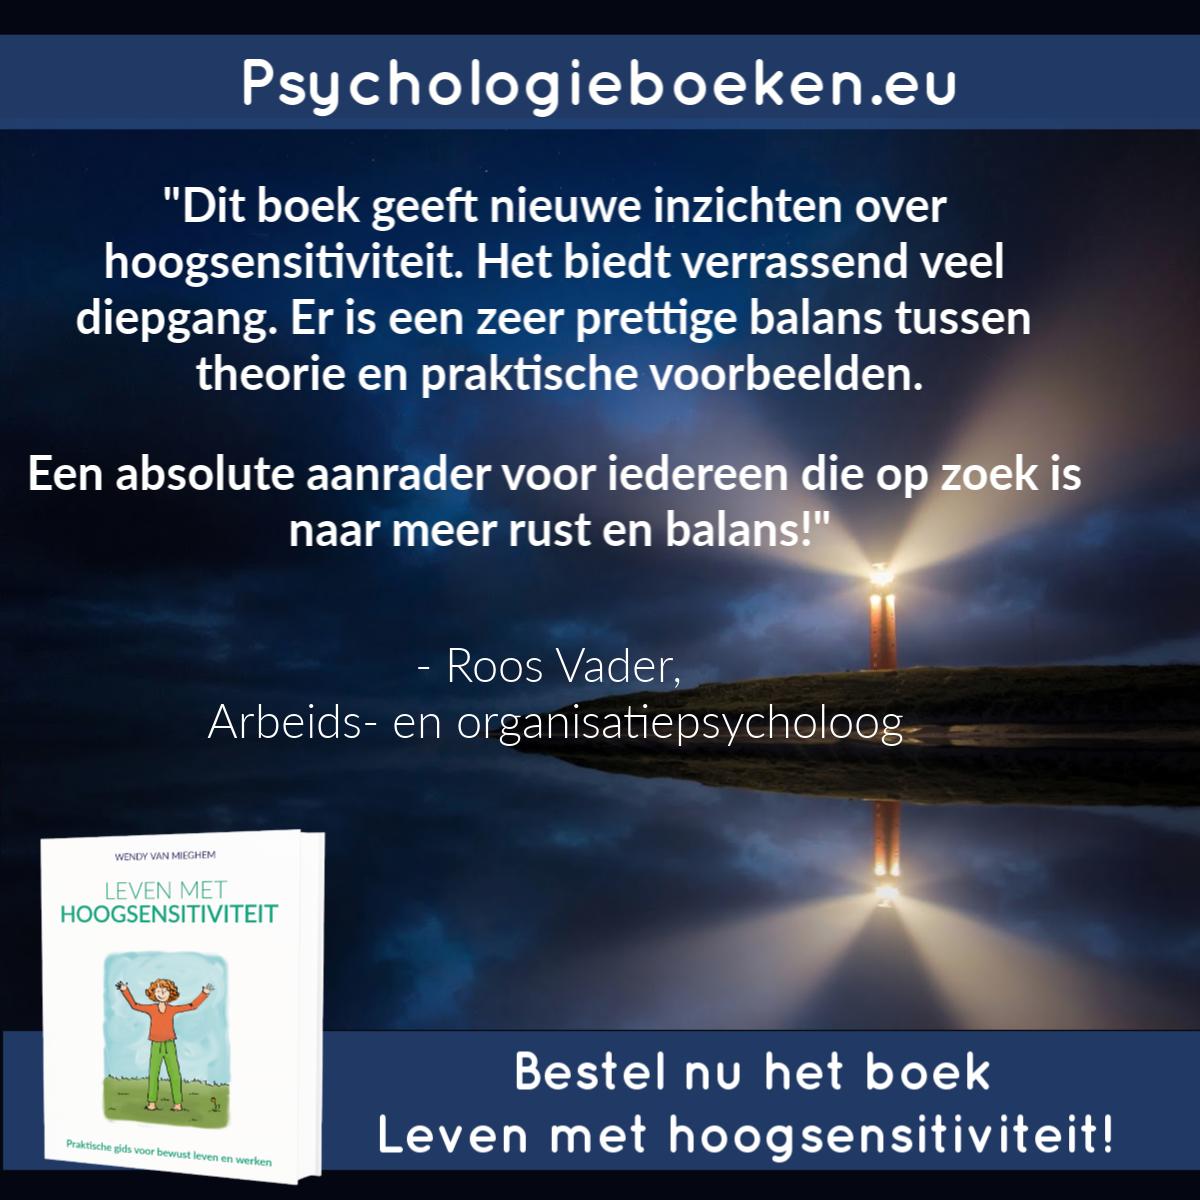 Aanbeveling boek Leven met hoogsensitiviteit - Psychologieboeken.eu